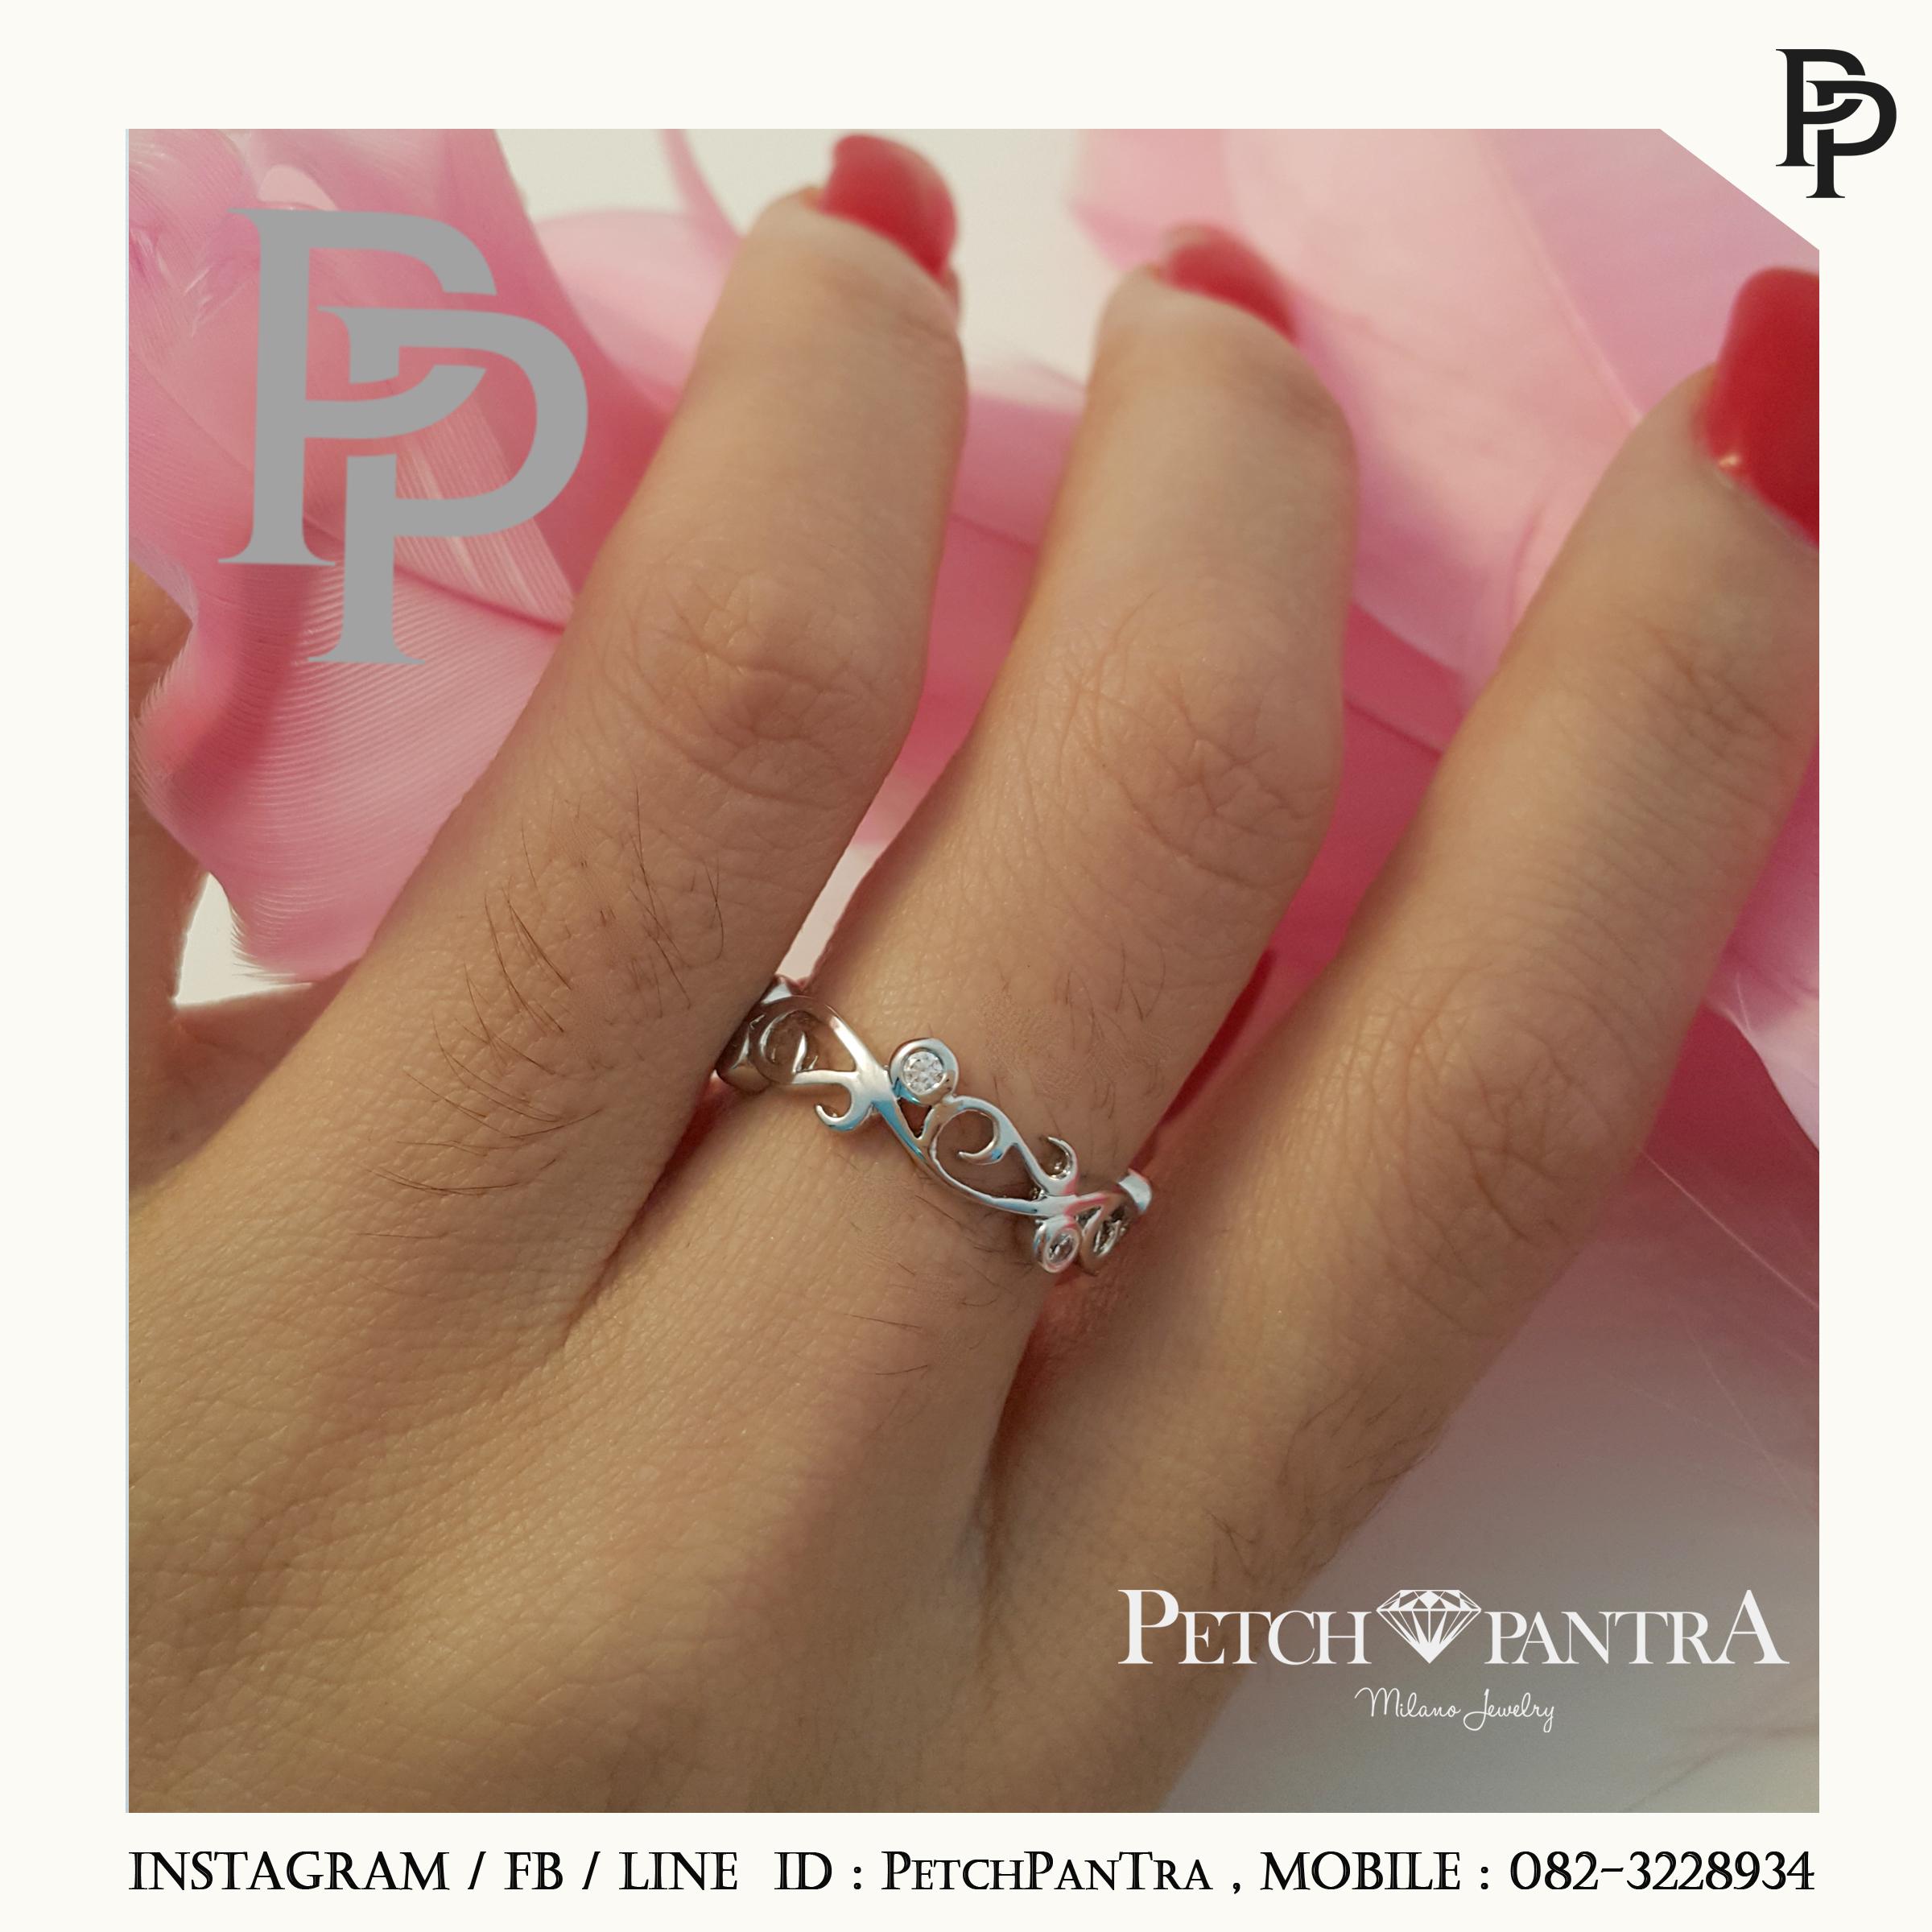 แหวนเพชรCZ แหวนเพชรรัสเซีย แหวนเถาวัลย์ส่งเสริมเรื่องความรัก สำเนา